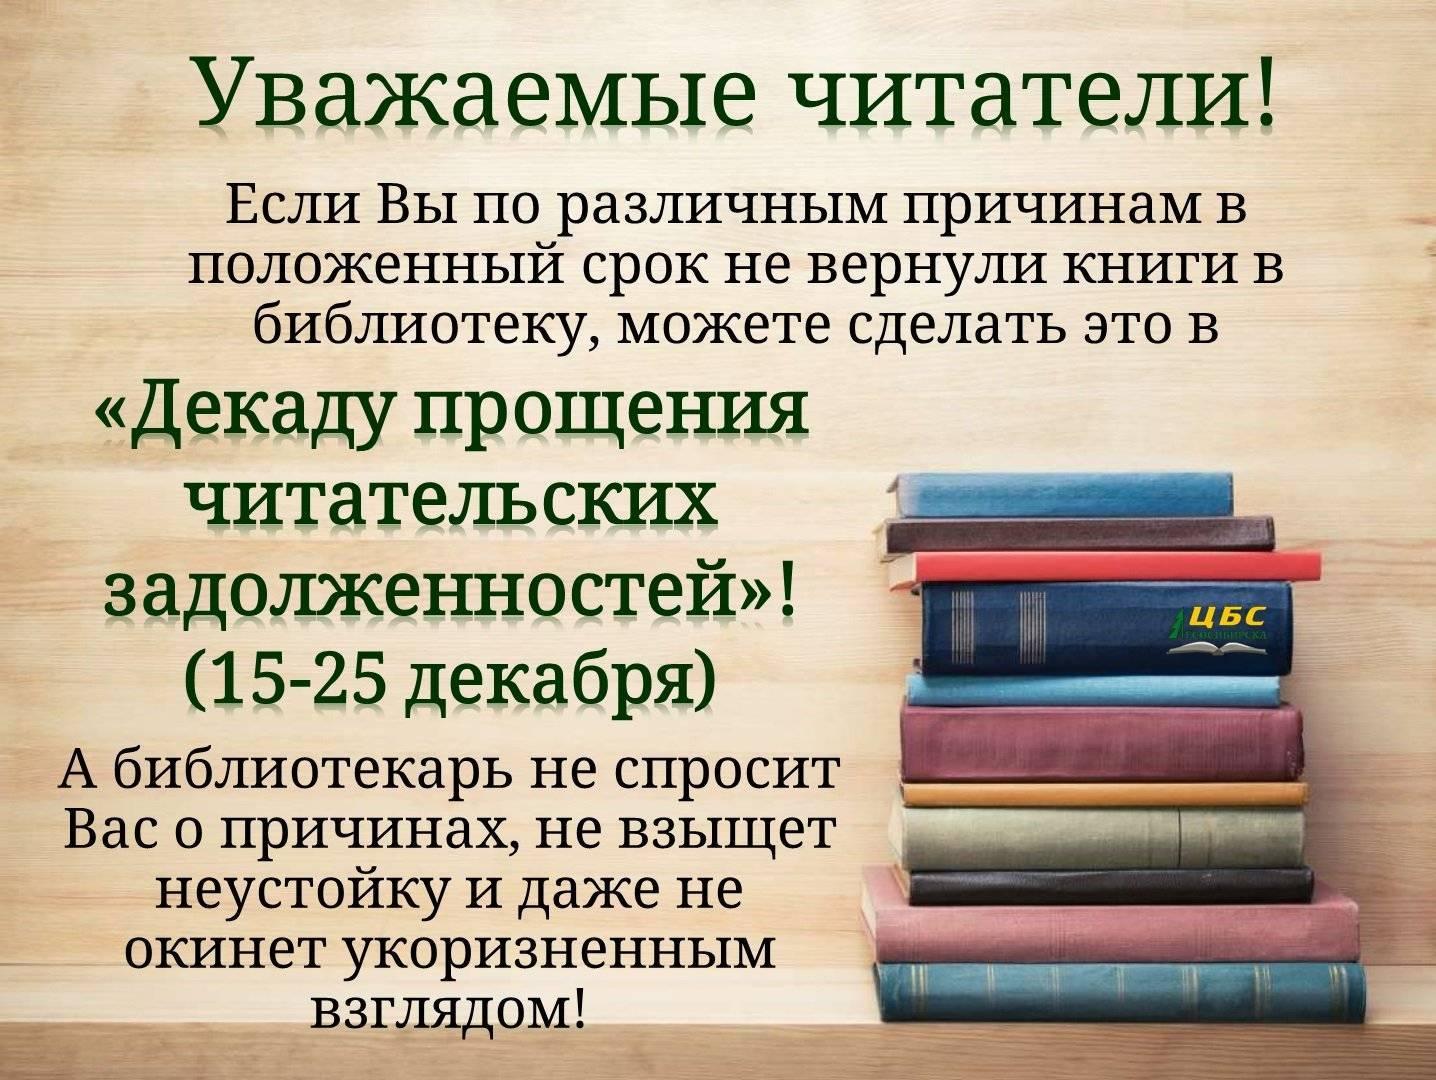 Можно ли брать с собой книги в армию?